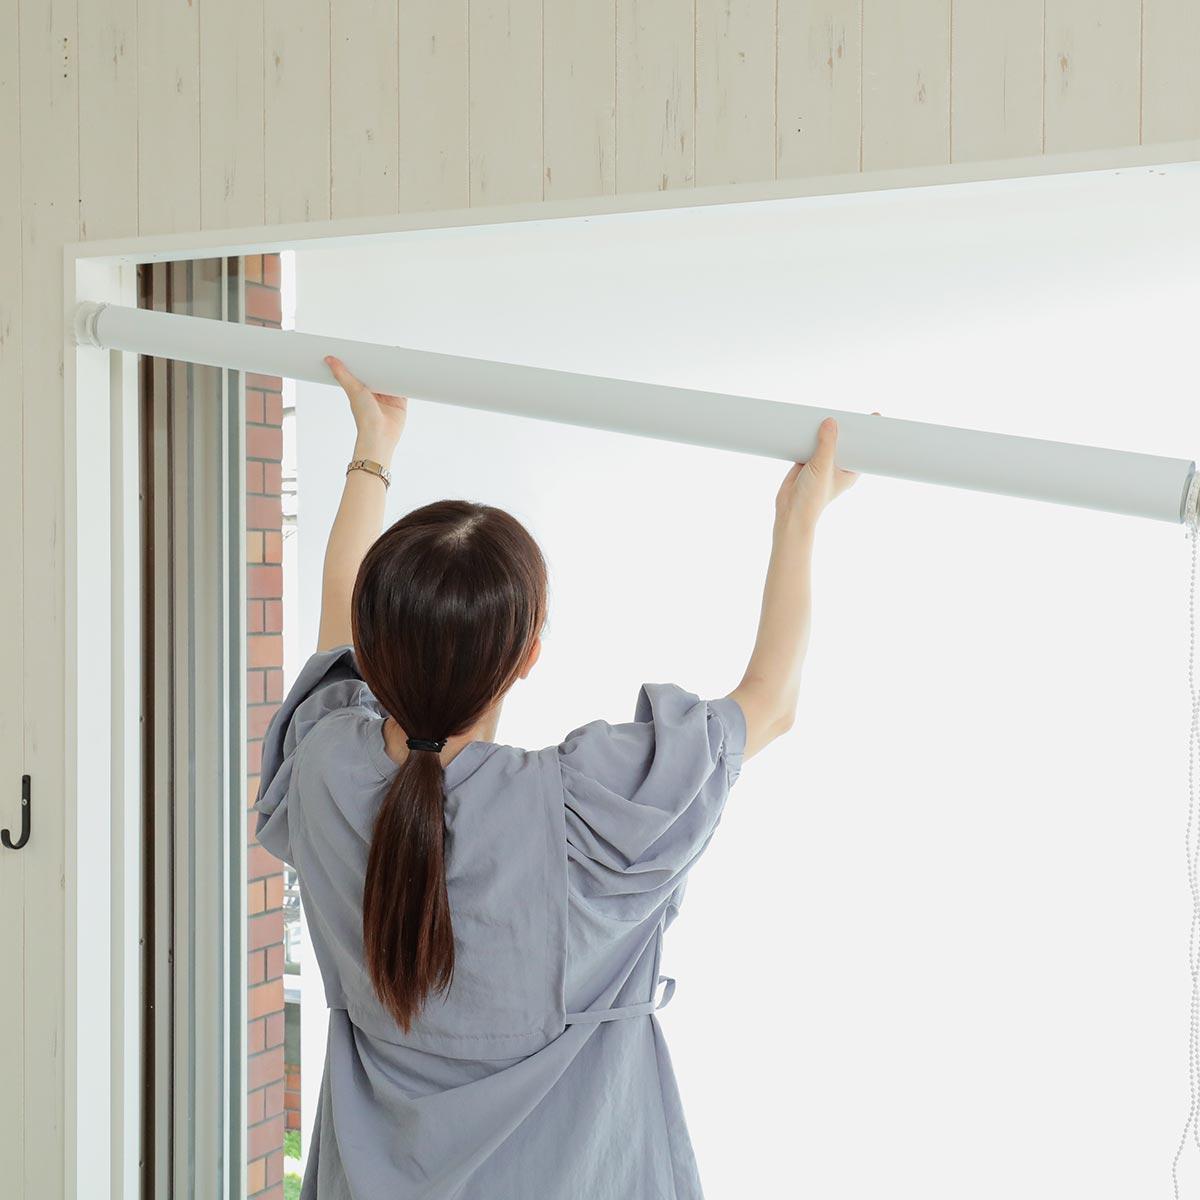 壁に穴を開けずに設置できるつっぱりタイプ。